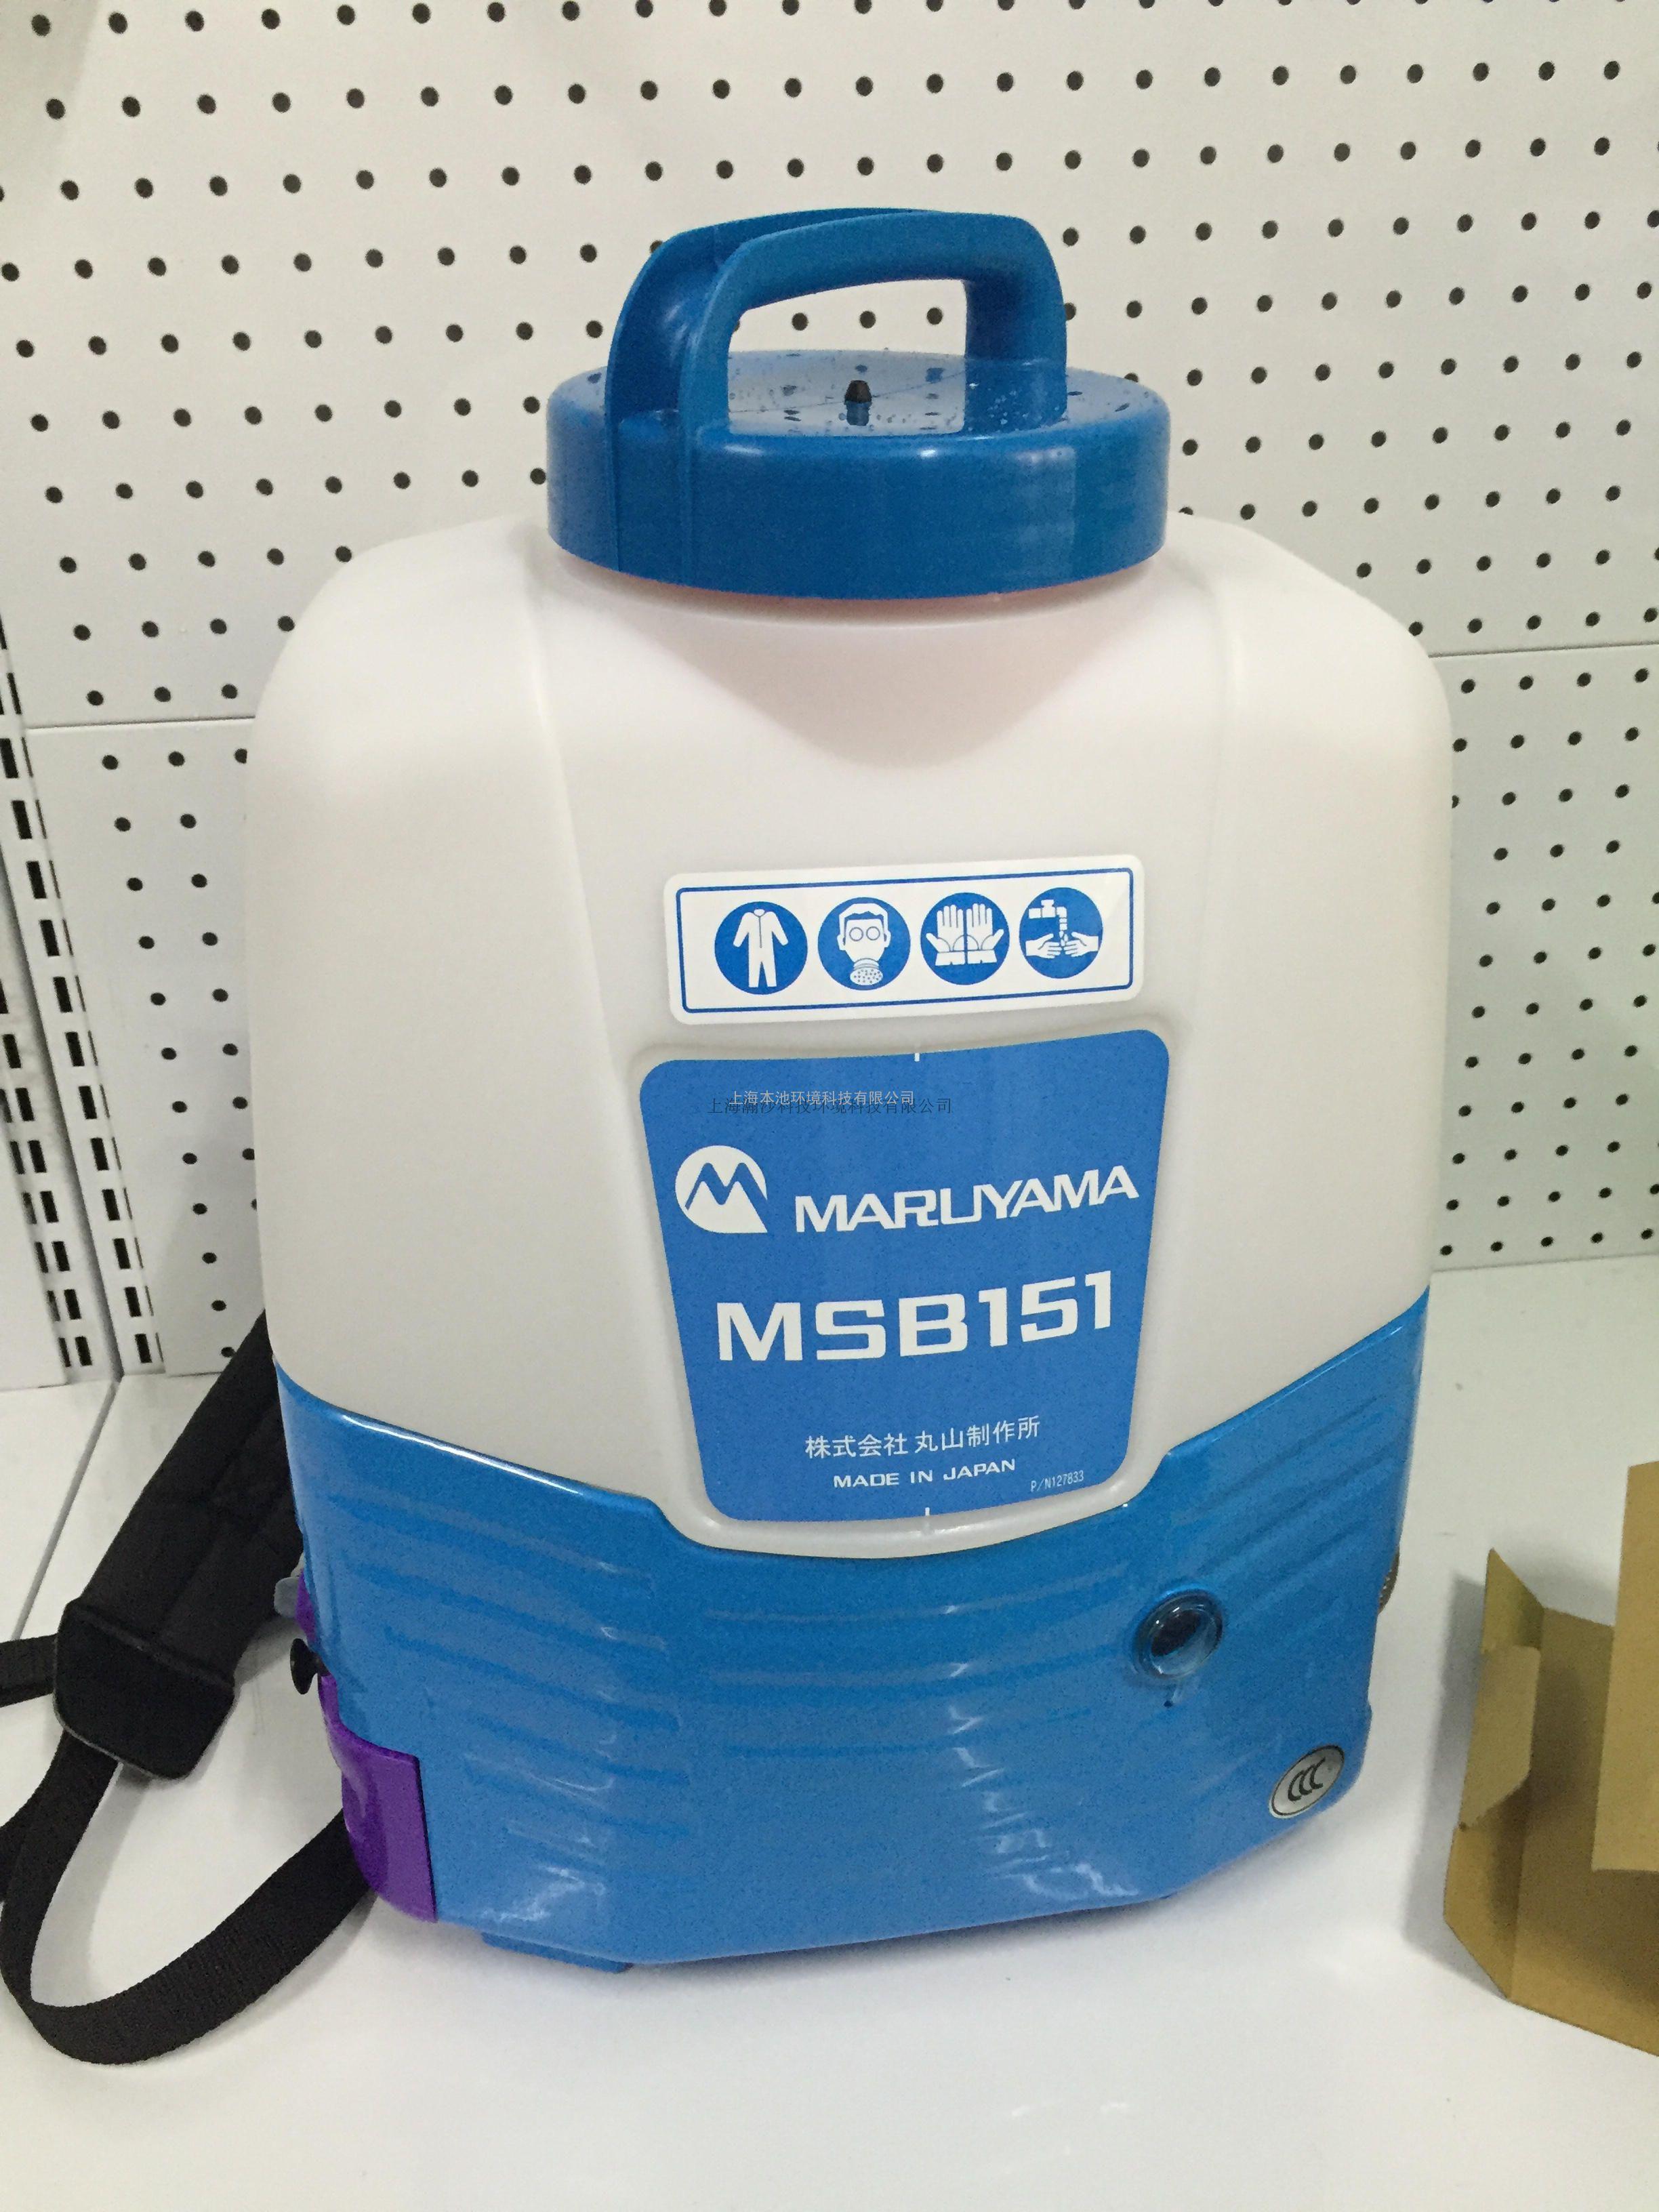 日本丸山电动喷雾器充电式电动喷雾器MSB151电动喷雾机MSB151